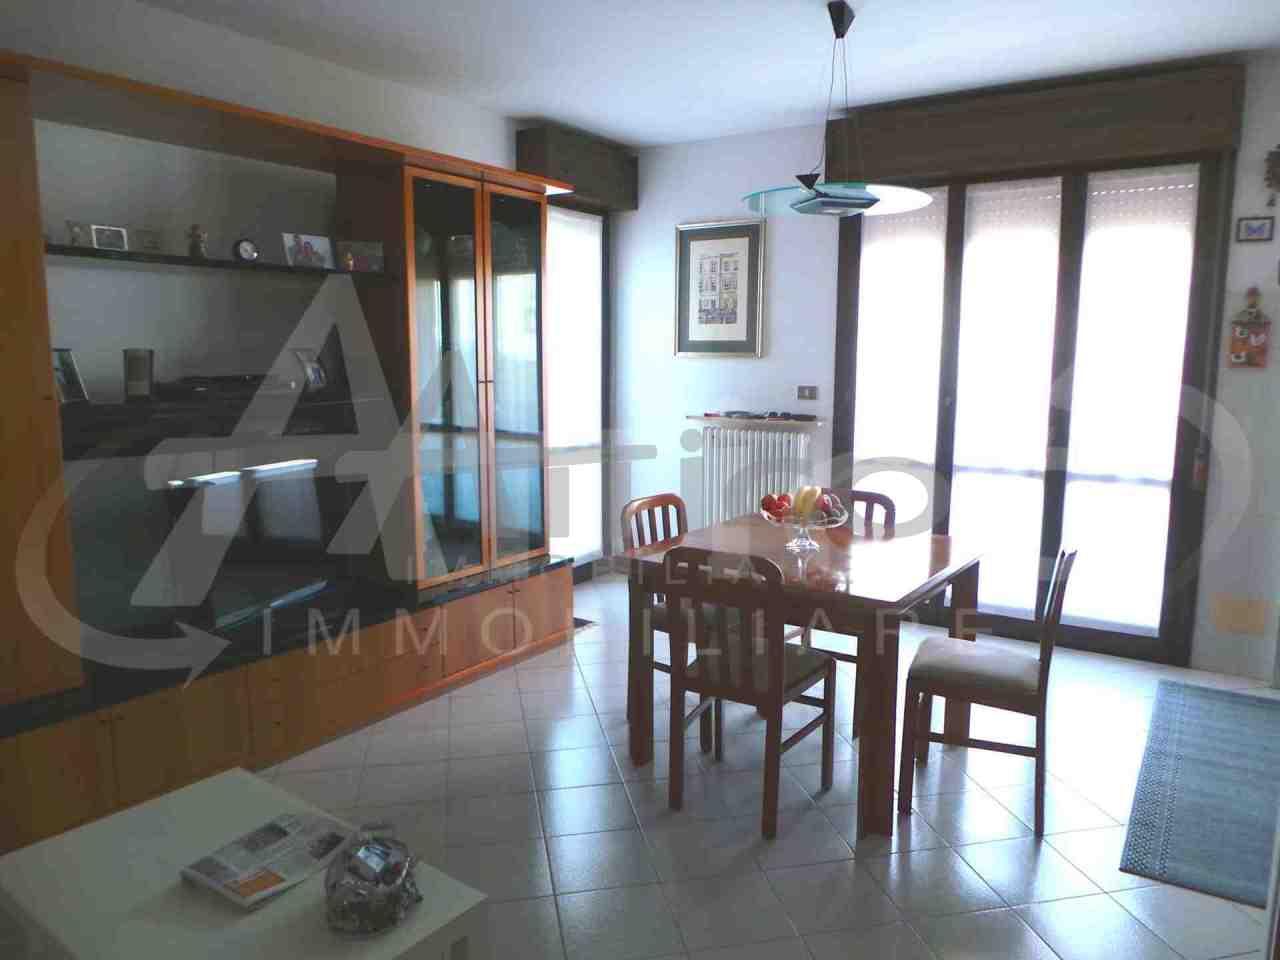 Appartamento in vendita a Rovigo, 4 locali, prezzo € 95.000 | PortaleAgenzieImmobiliari.it